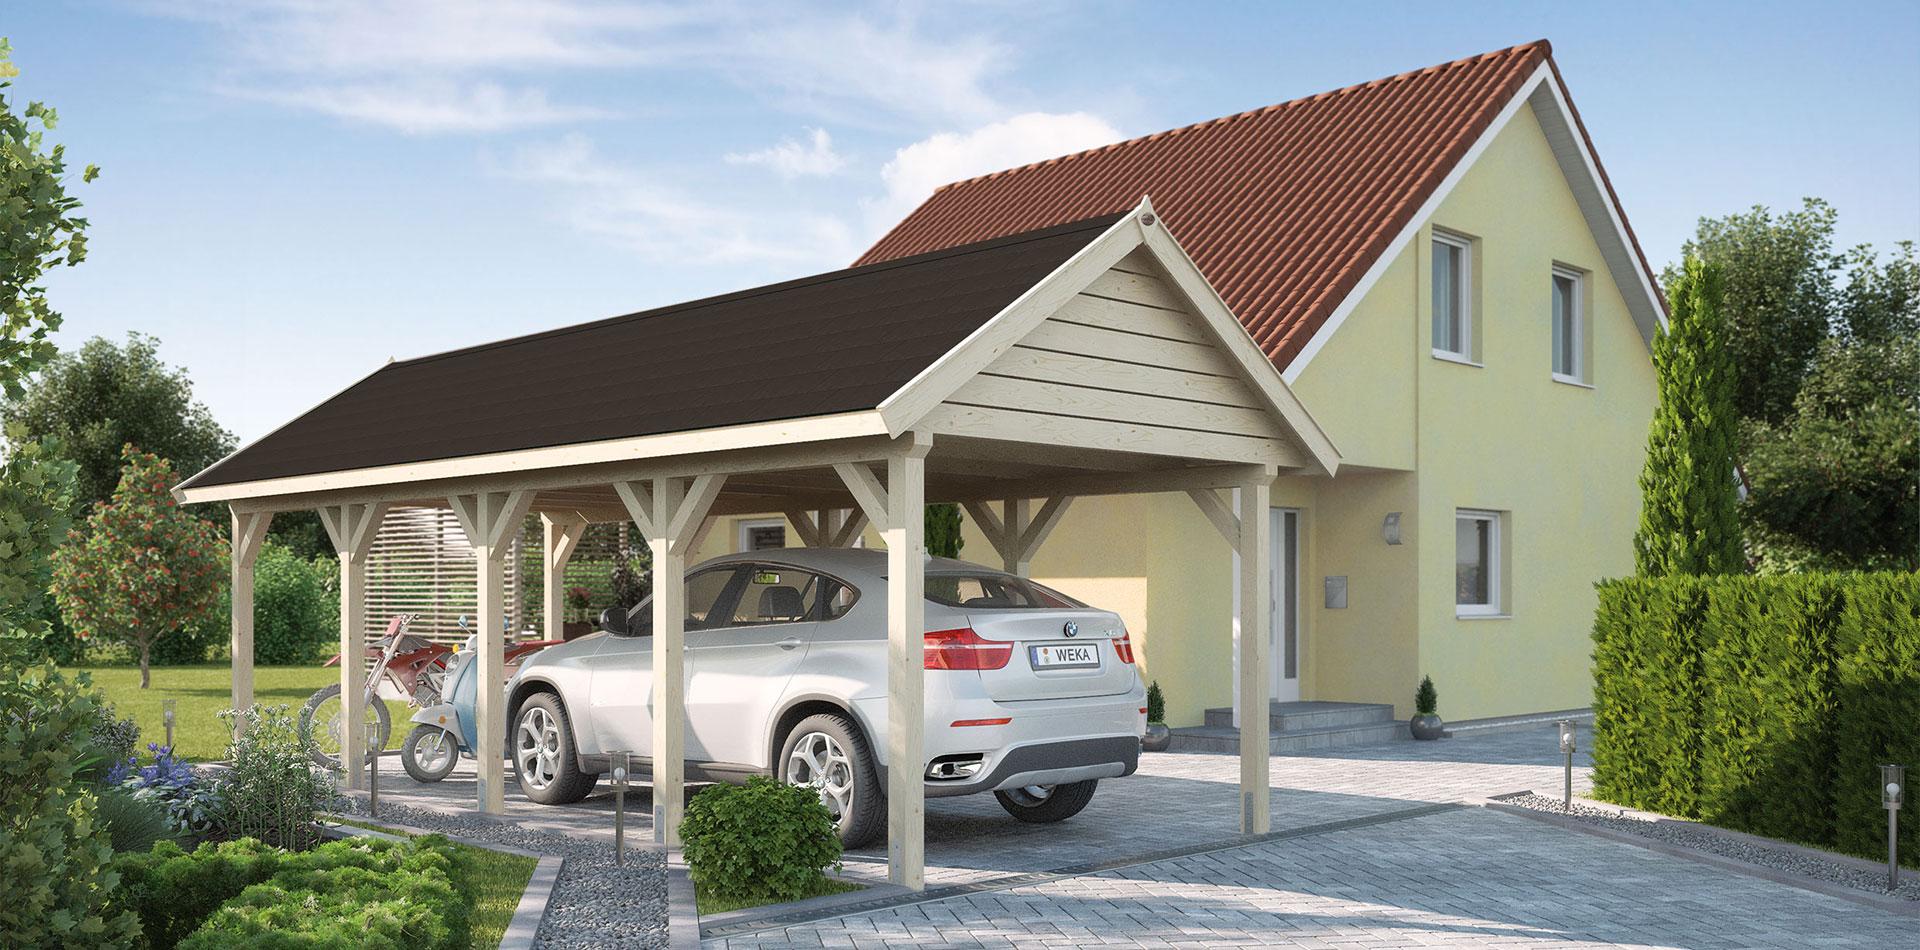 Der Einzelcarport aus Leimholz ist eine platzsparende Alternative zur Garage.